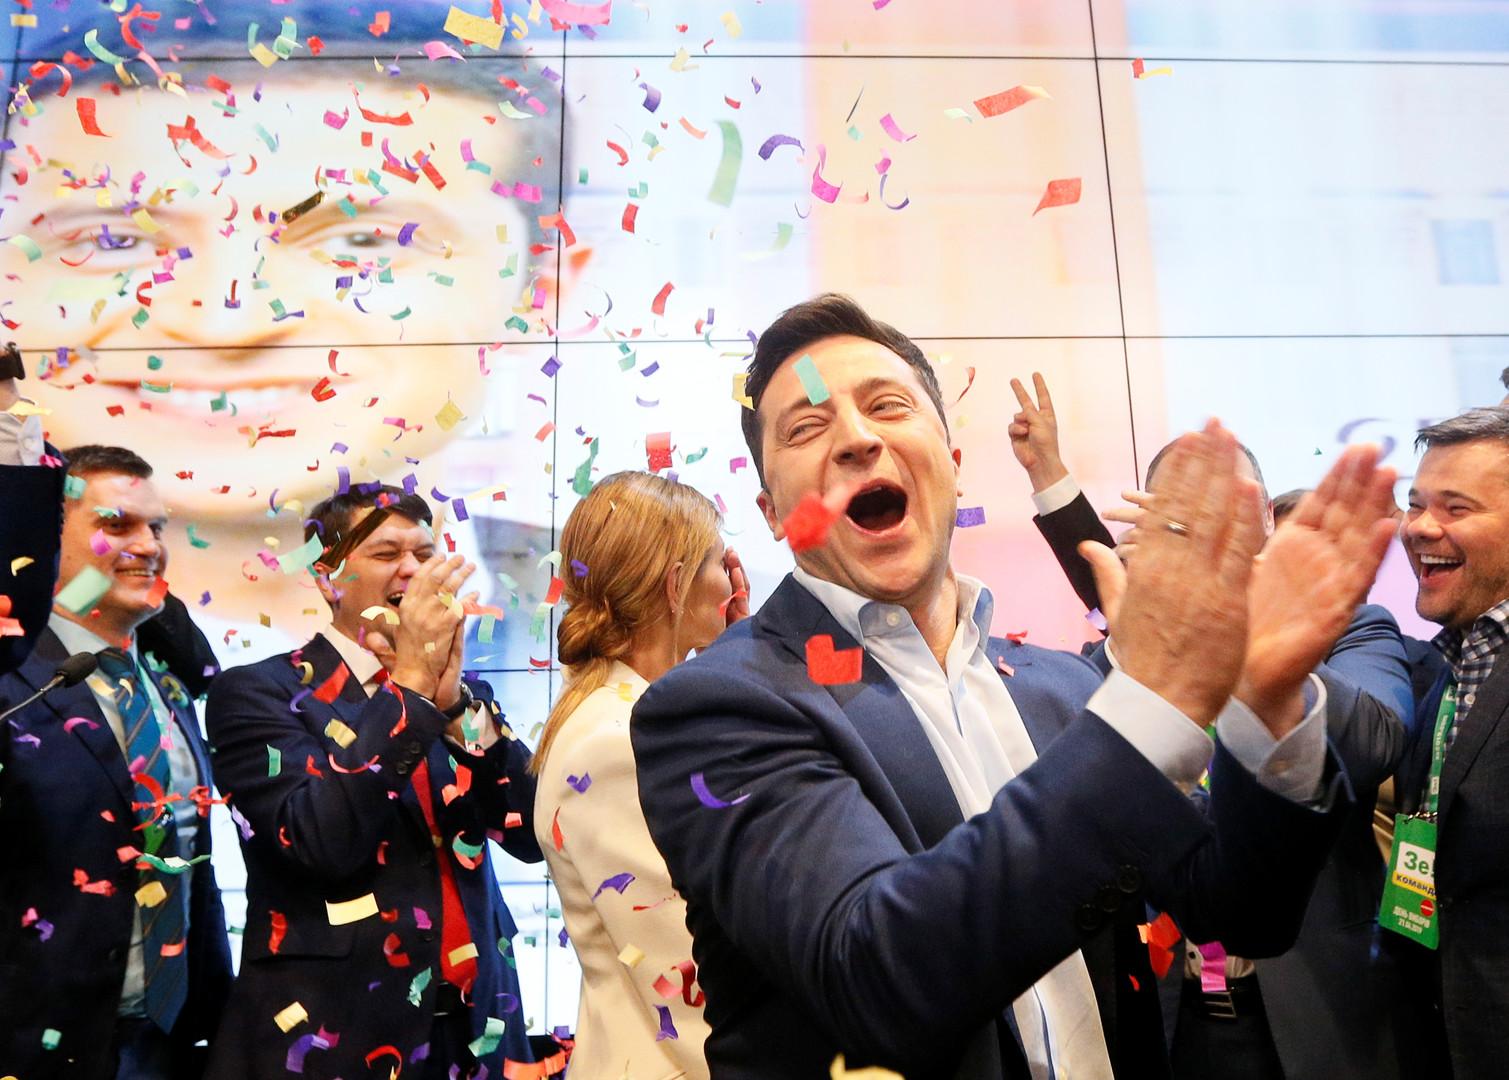 المرشح لرئاسة أوكرانيا فلاديمير زيلينسكي يحتفل بفوزه الانتخابي مستبقا نشر نتائج التصويت الرسمية